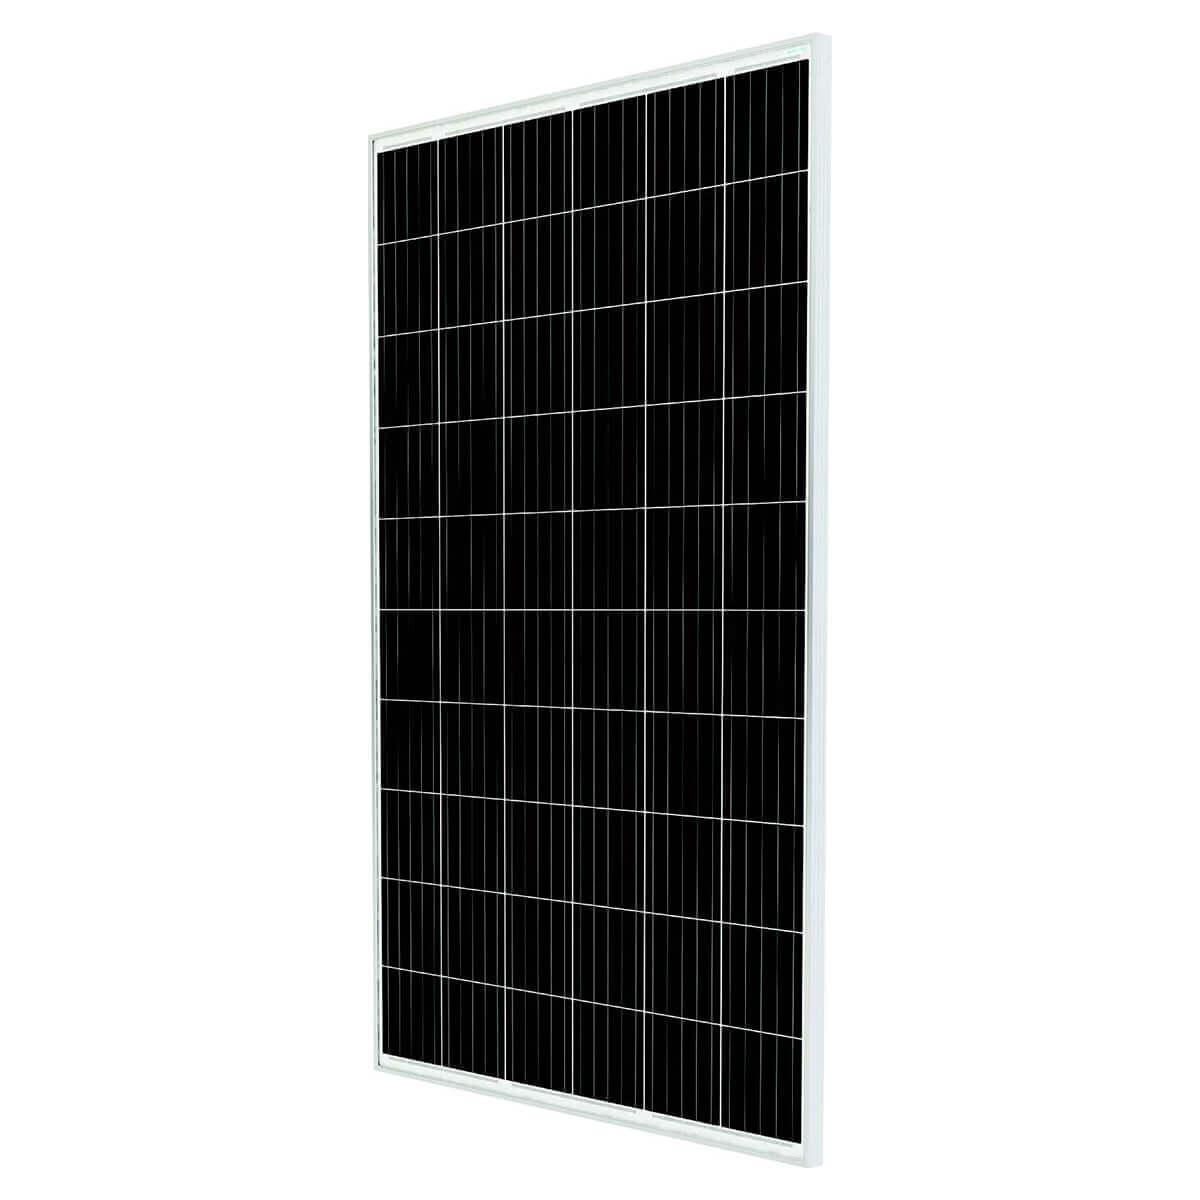 tommatech 310W panel, tommatech 310Watt panel, tommatech 310 W panel, tommatech 310 Watt panel, tommatech 310 Watt monokristal panel, tommatech 310 W watt gunes paneli, tommatech 310 W watt monokristal gunes paneli, tommatech 310 W Watt fotovoltaik monokristal solar panel, tommatech 310W monokristal gunes enerjisi, tommatech TT310-60PM-310W panel, TOMMATECH 310 WATT